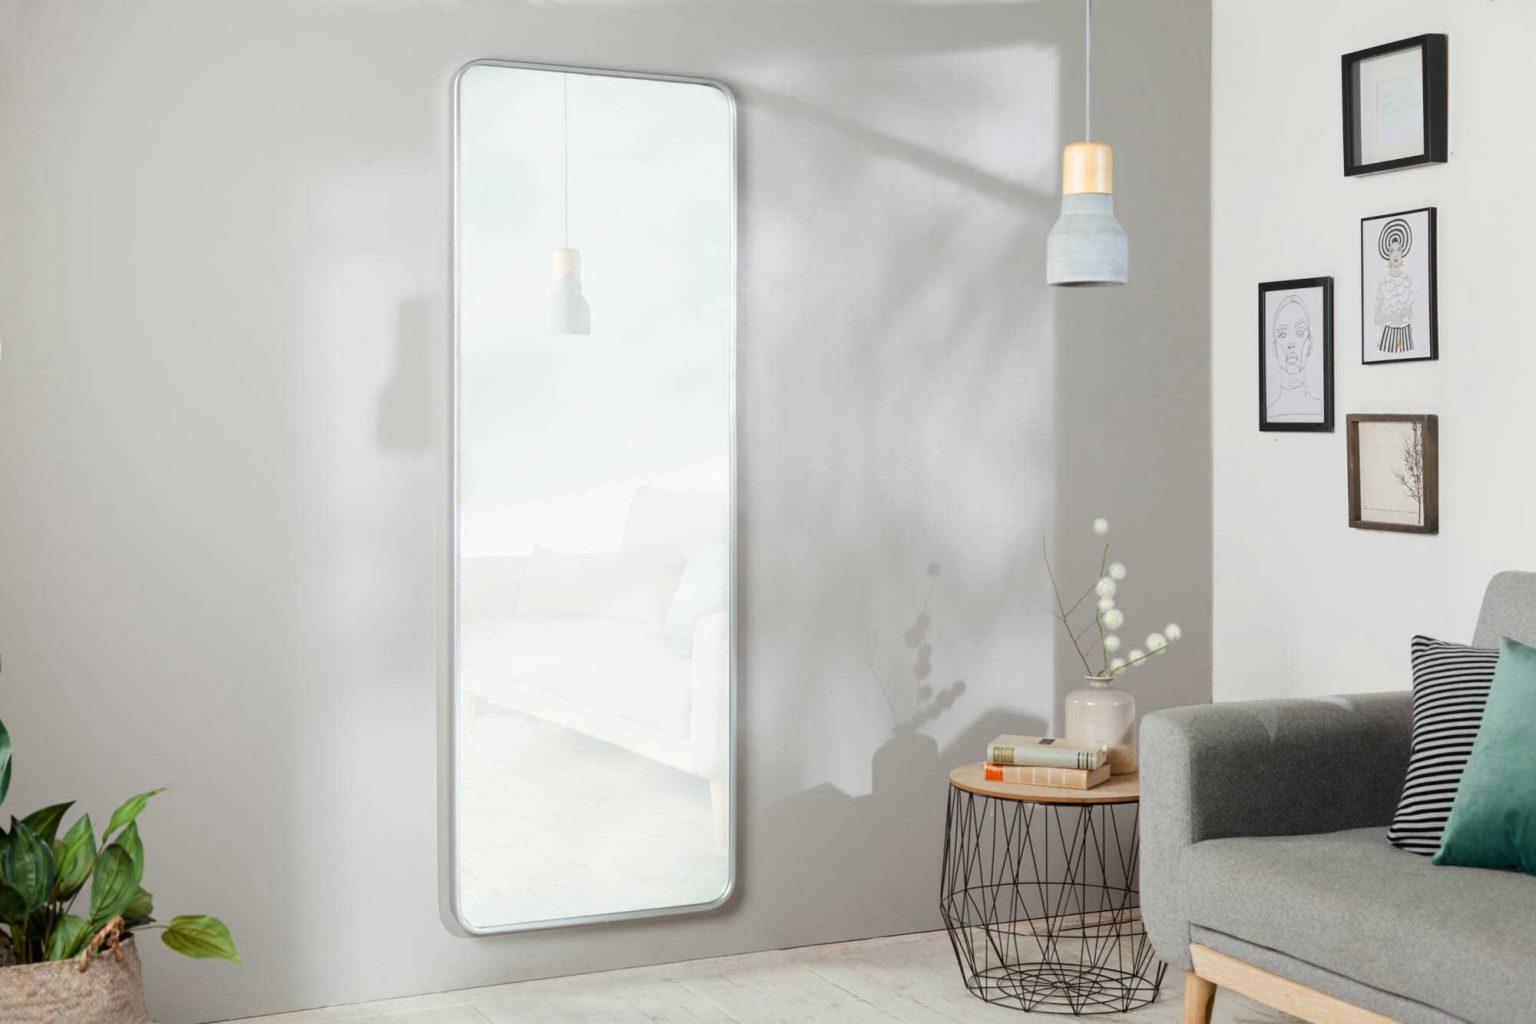 Zrkadlo dopomôže k osvetleniu priestoru a prirodzenému rozptylu slnečného svetla. Zdroj: iKuchyne.sk